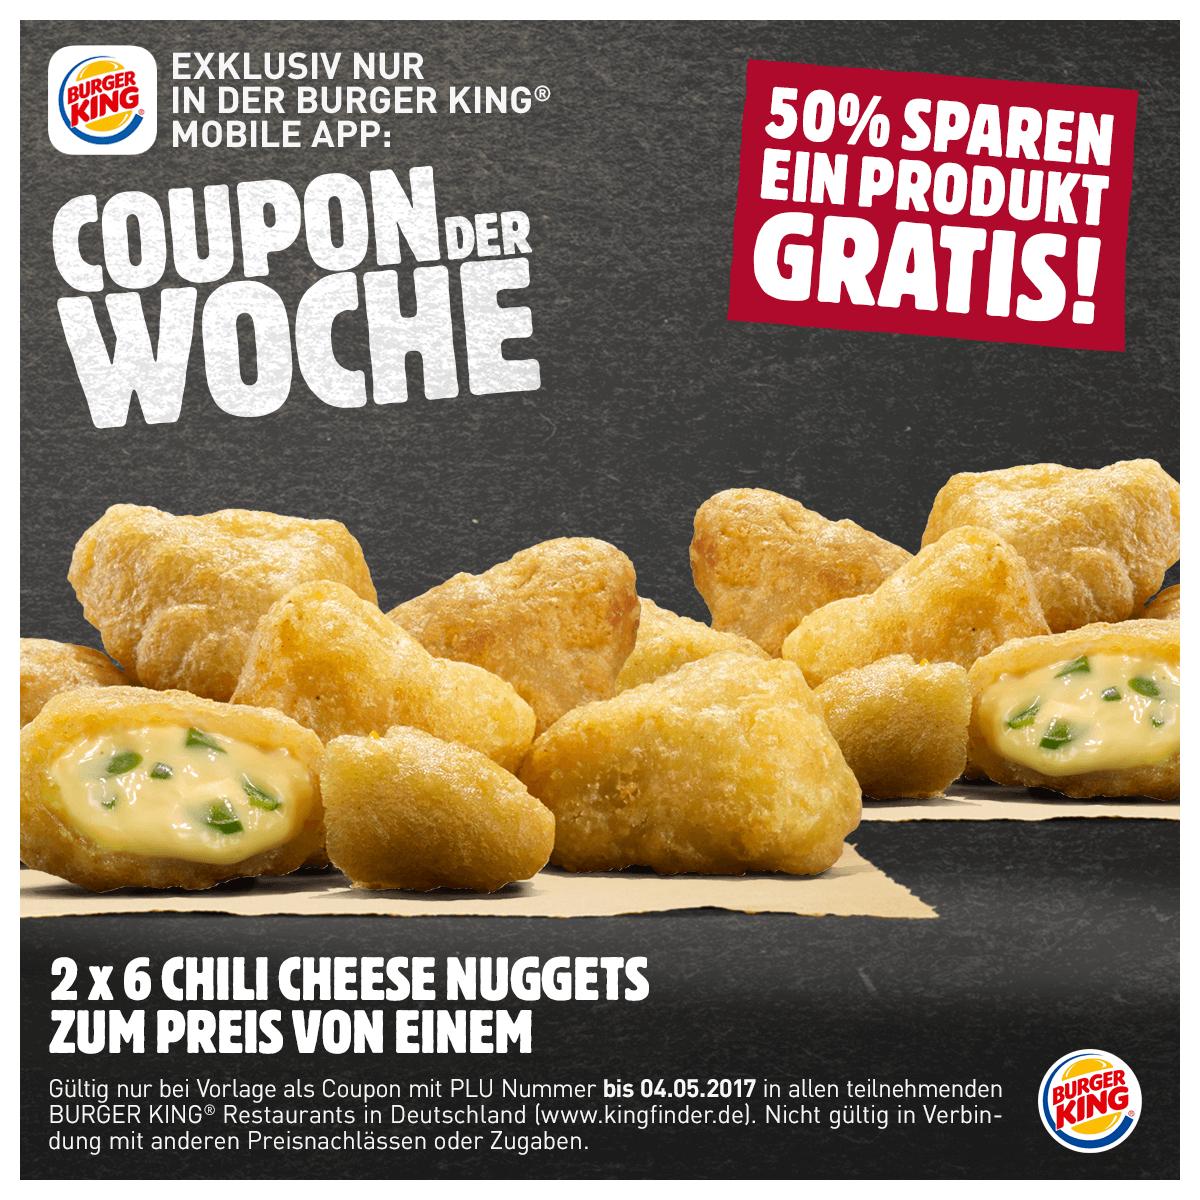 burger king sparen